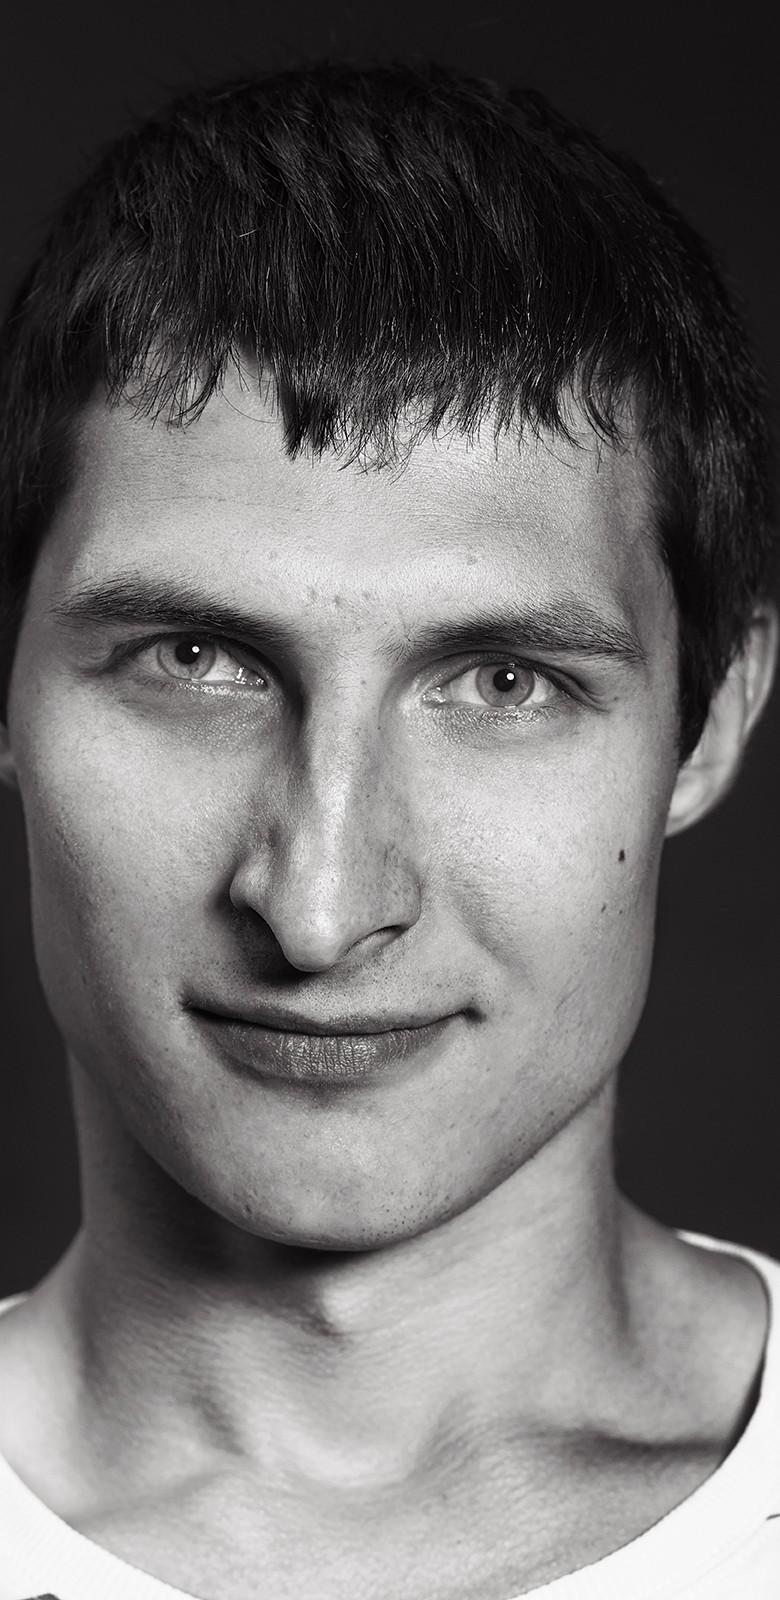 Egor Minchenko